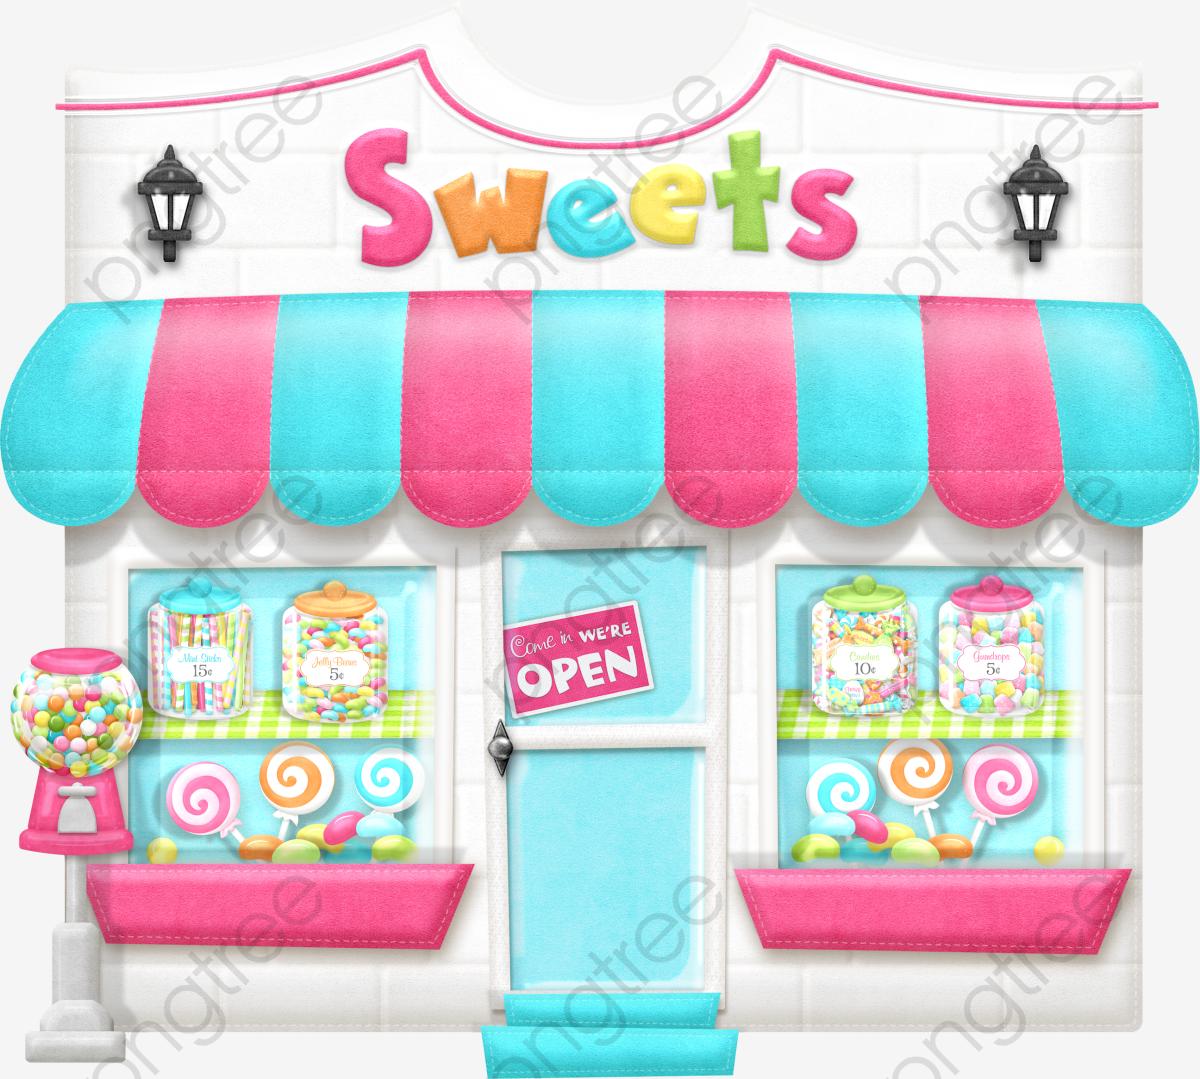 Candy Shop, Shop Clipart, Shop, Dessert PNG Transparent Image and.